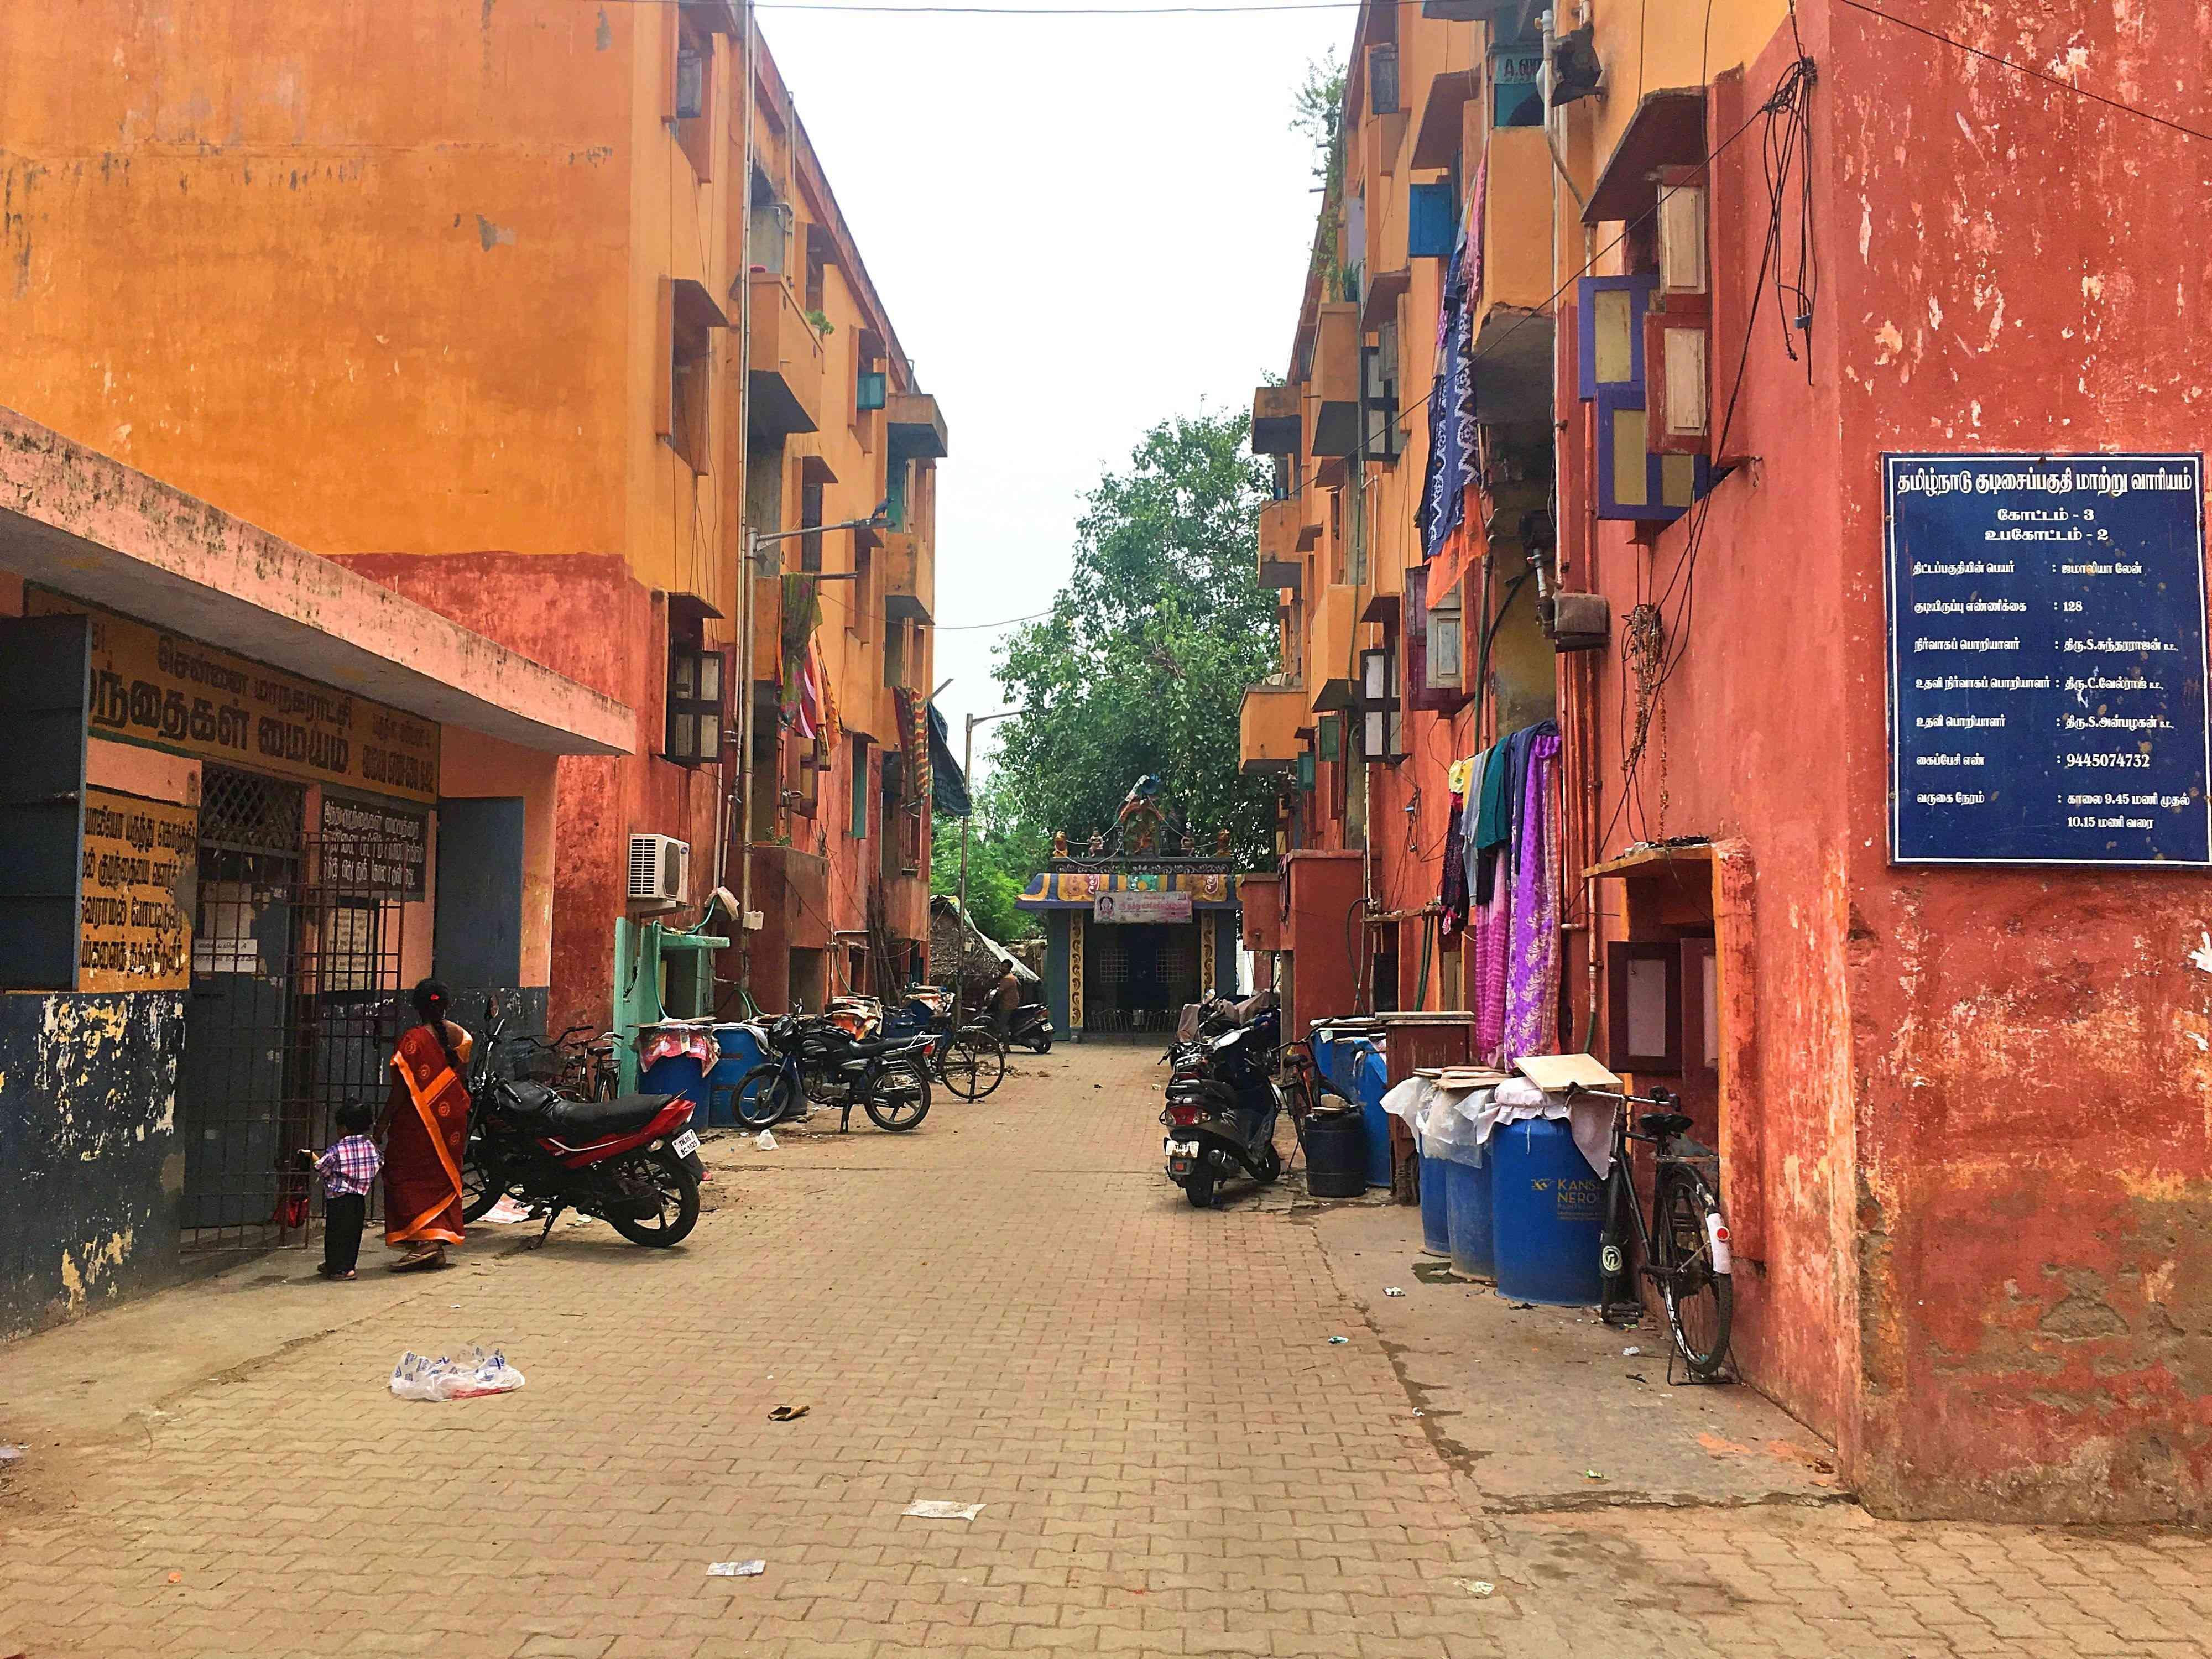 Jamaliah Lane in Perambur. Photo by Sruthi Ganapathy Raman.